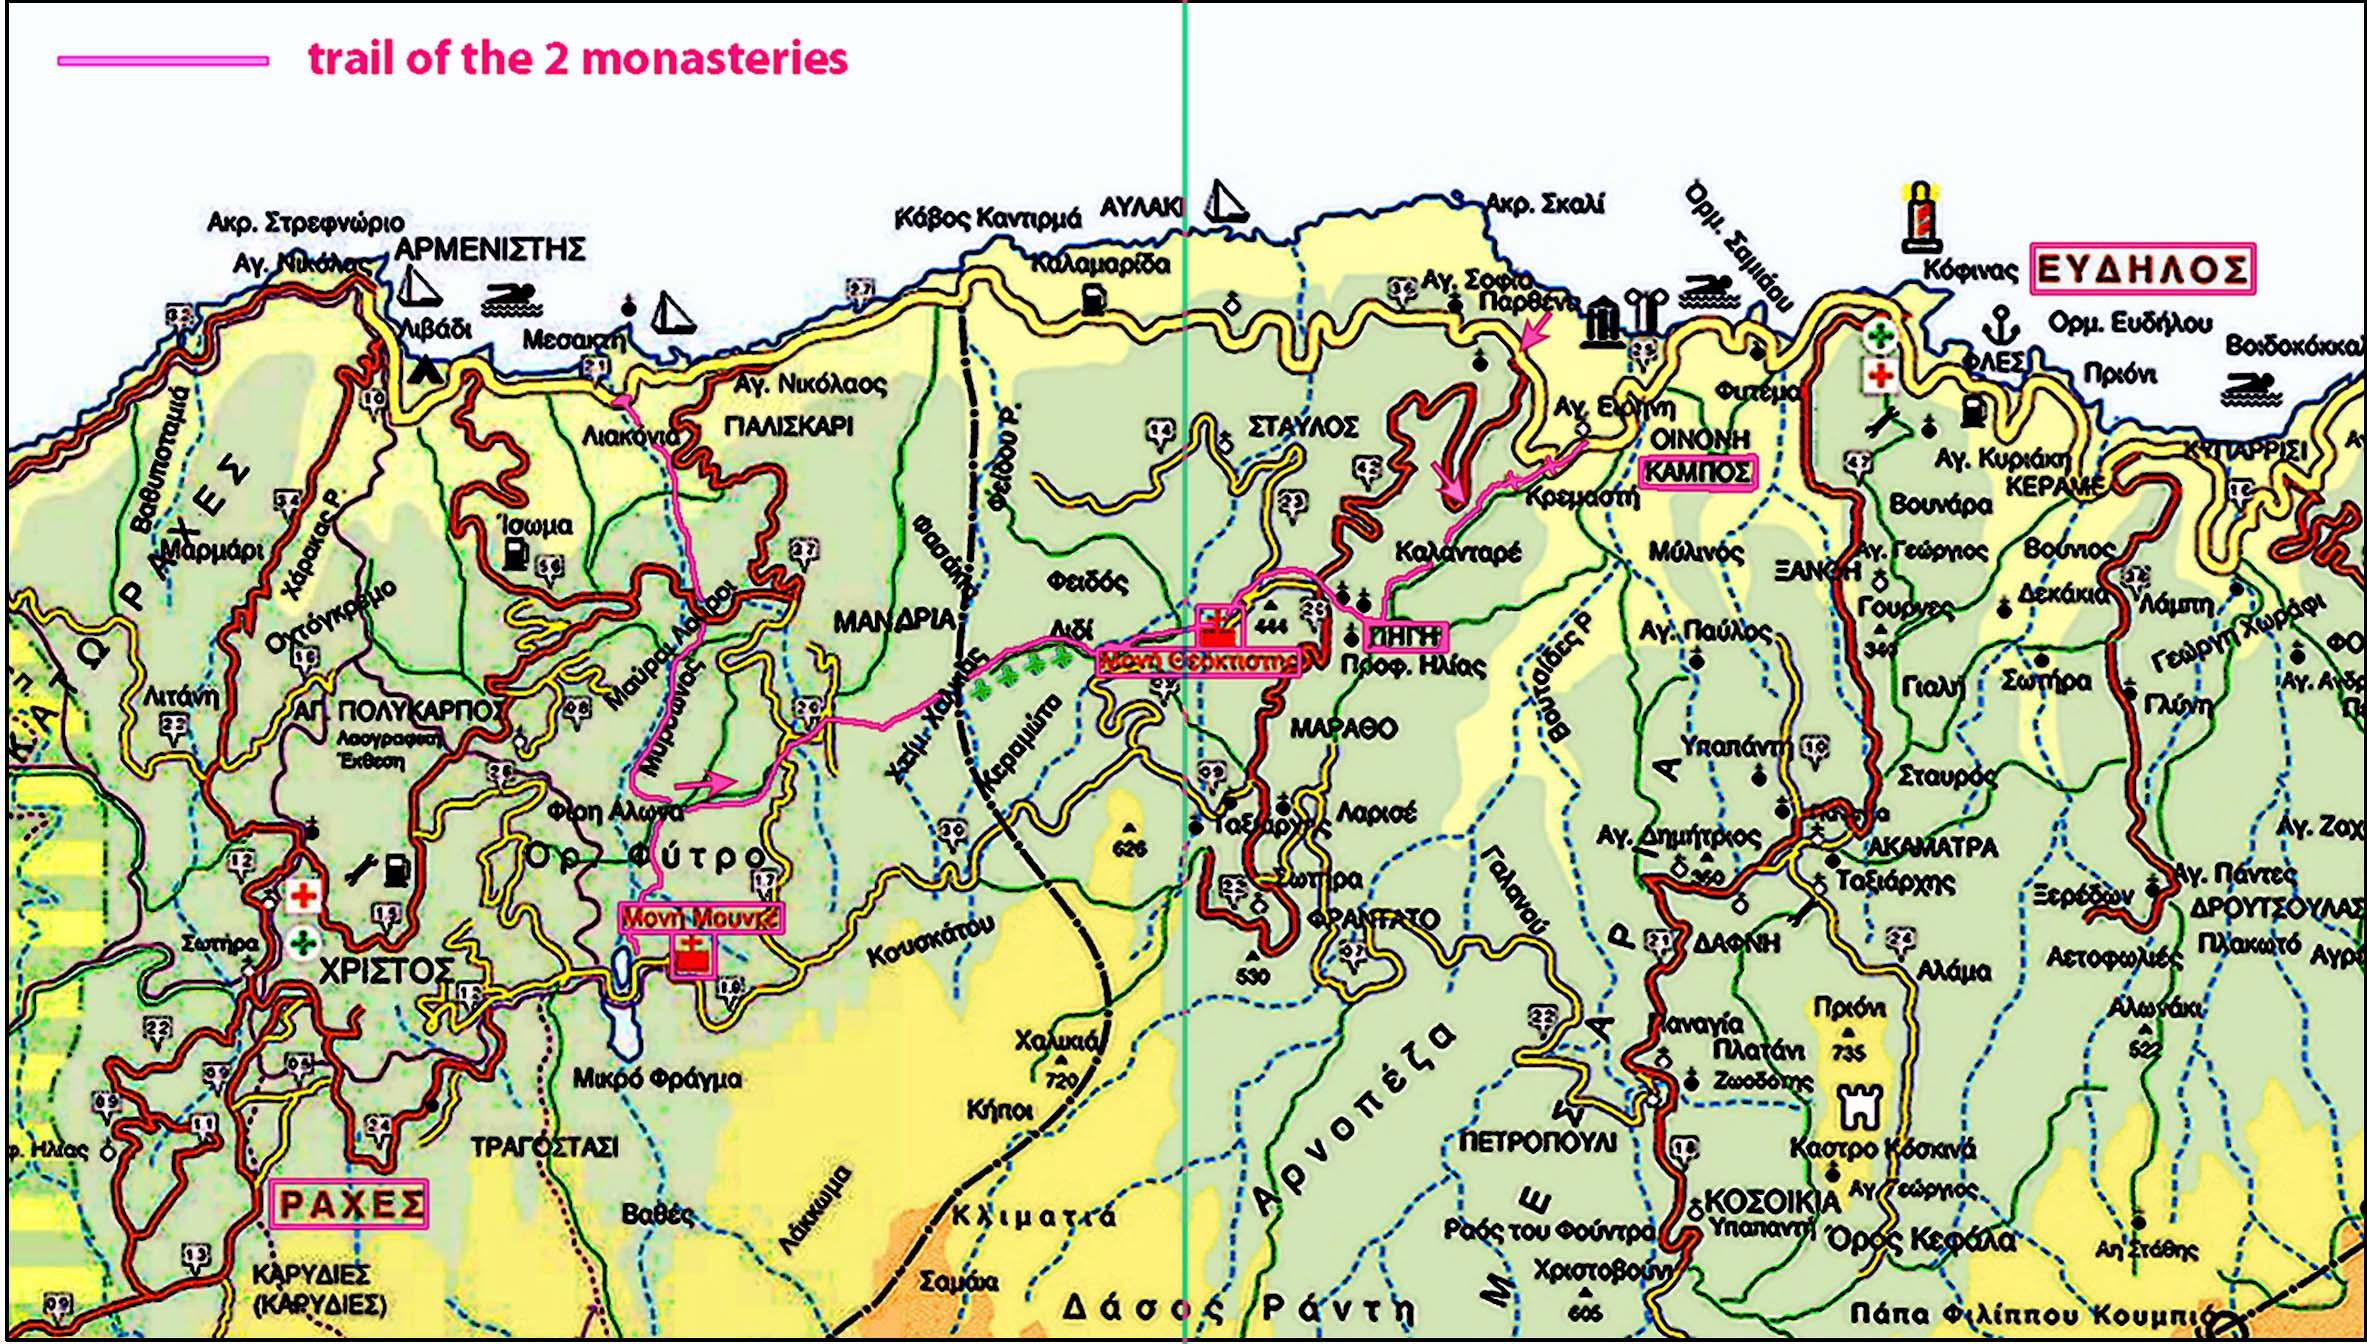 Μονοπάτι των Ξωτικών: Ράχες-Εύδηλος - χάρτης διαδρομής